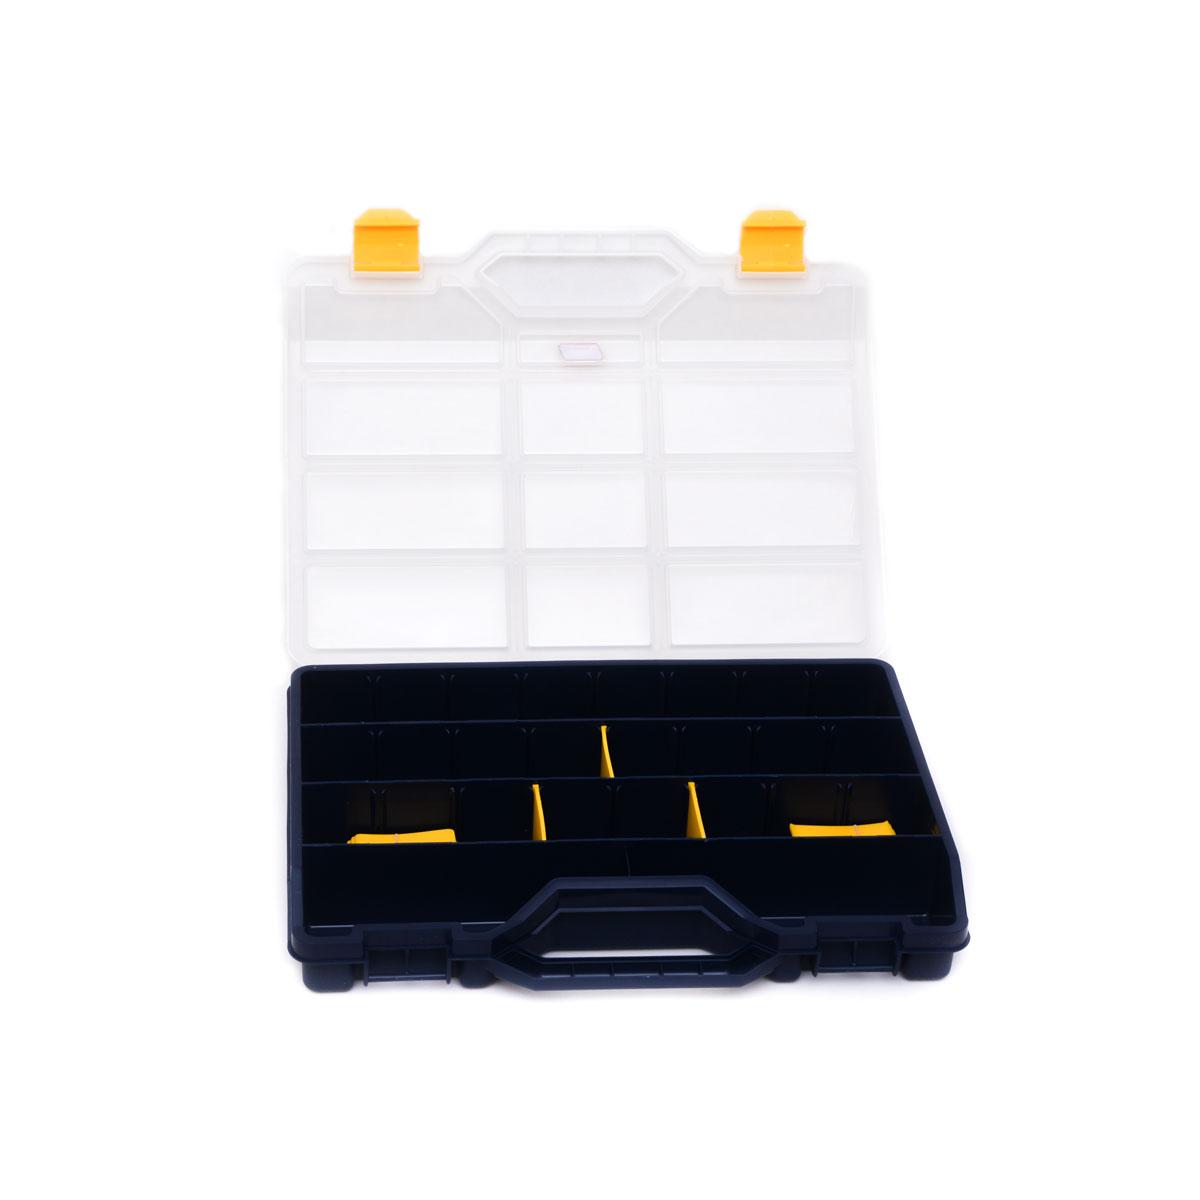 جعبه ابزار الکتریکی تایگ مدل۲۶-۴۶ (۴)